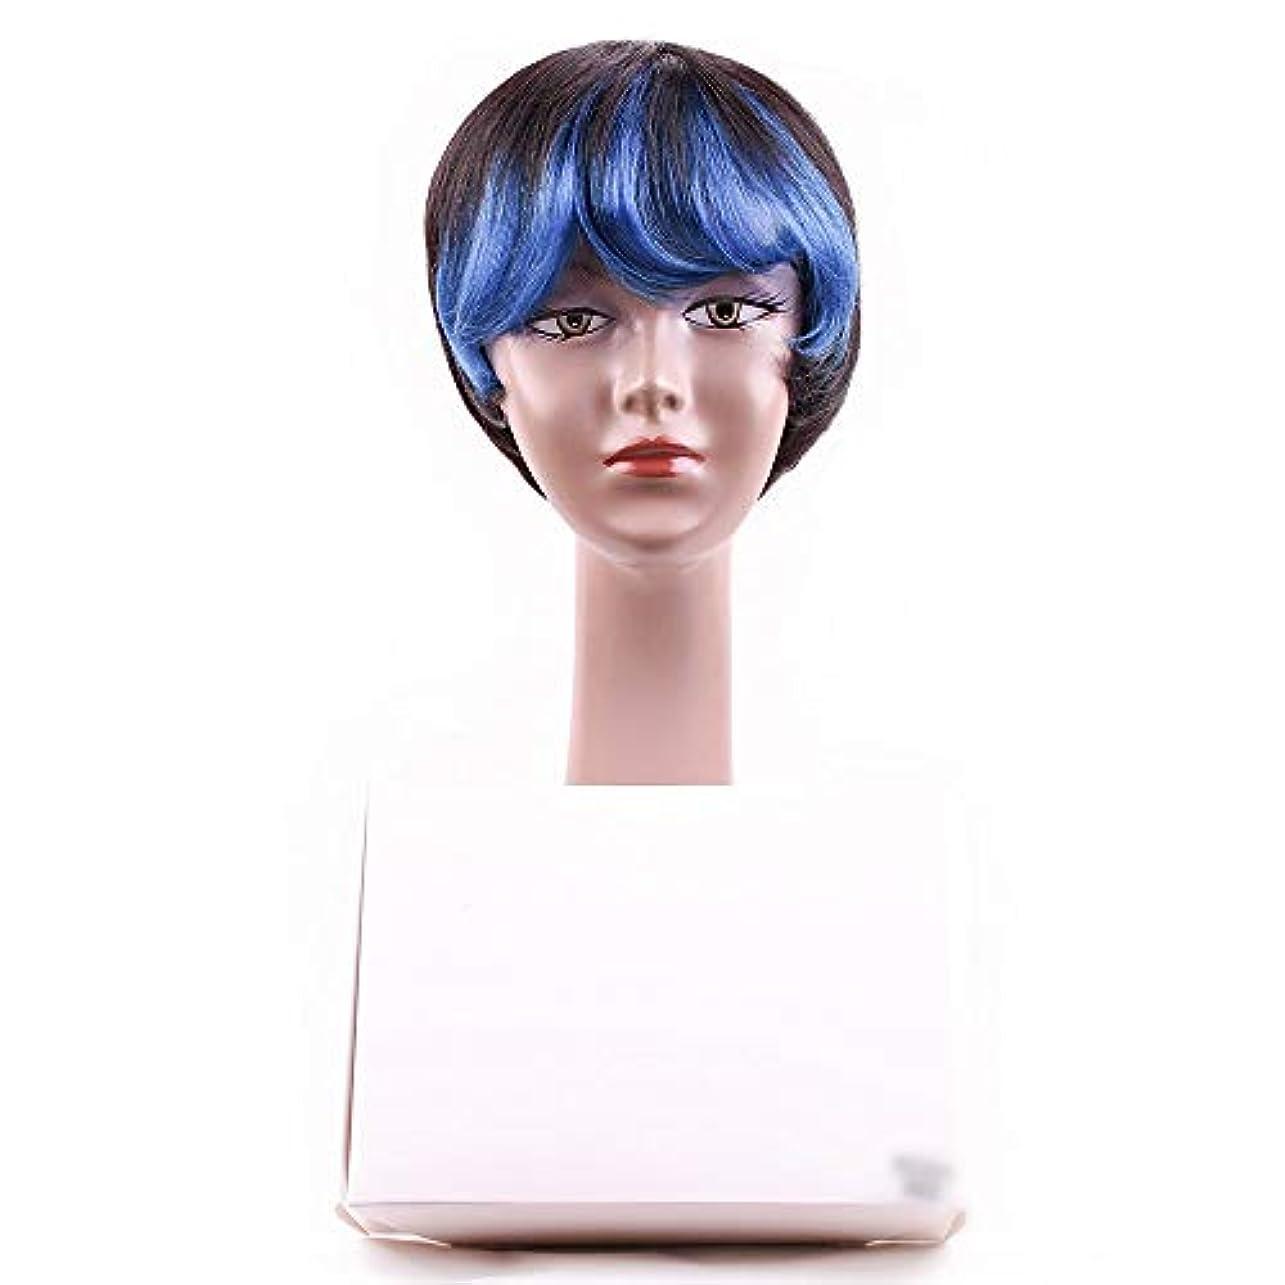 ゲーム会話型メンタルYOUQIU 斜め前髪完全な頭部コスプレパーティーウィッグかつらと女性の人間の毛髪のショートボブウィッグ (色 : 青)